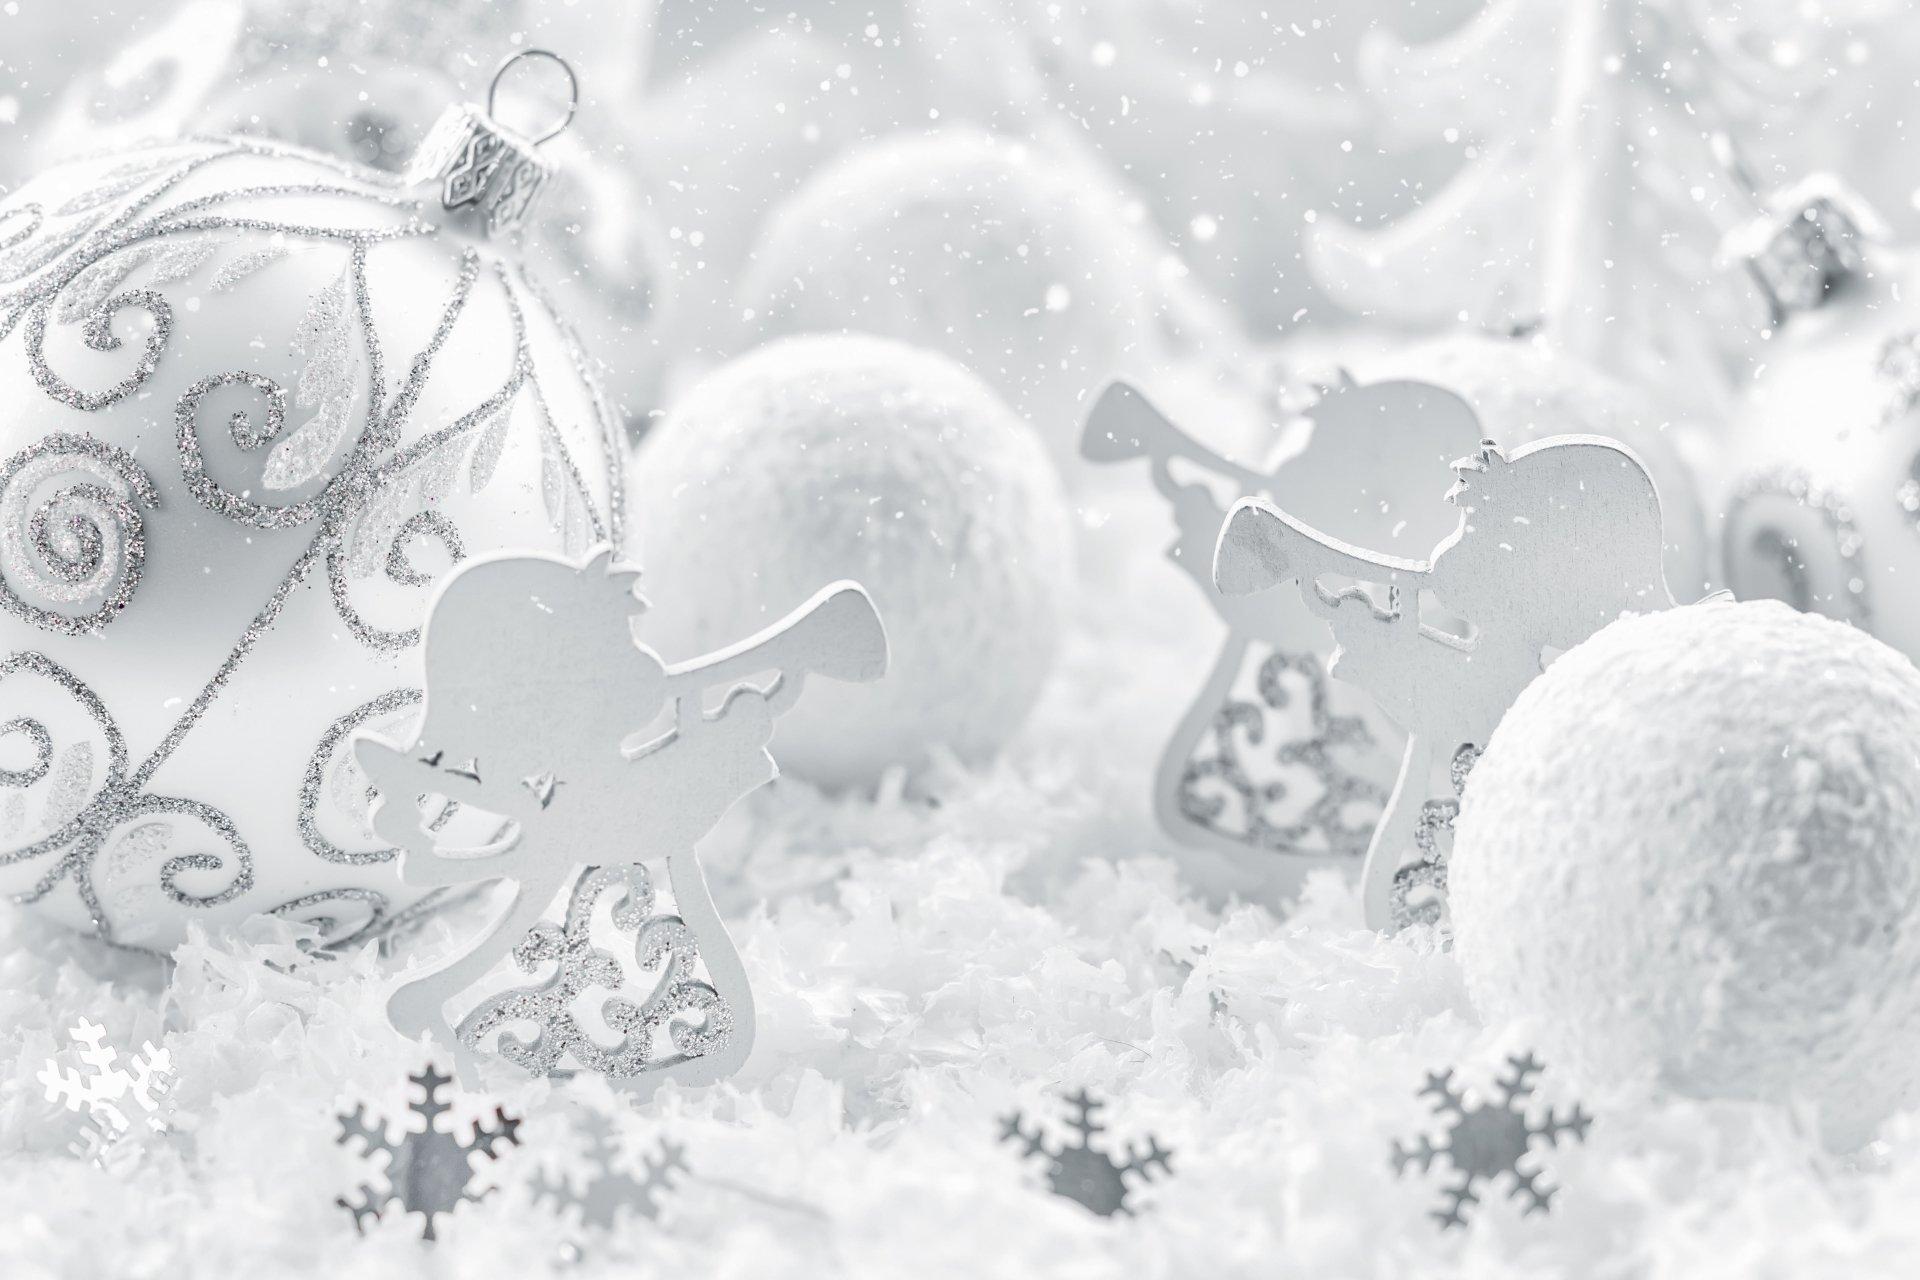 Iphone 5 Falling Snow Wallpaper No 235 L 5k Retina Ultra Fond D 233 Cran Hd Arri 232 Re Plan